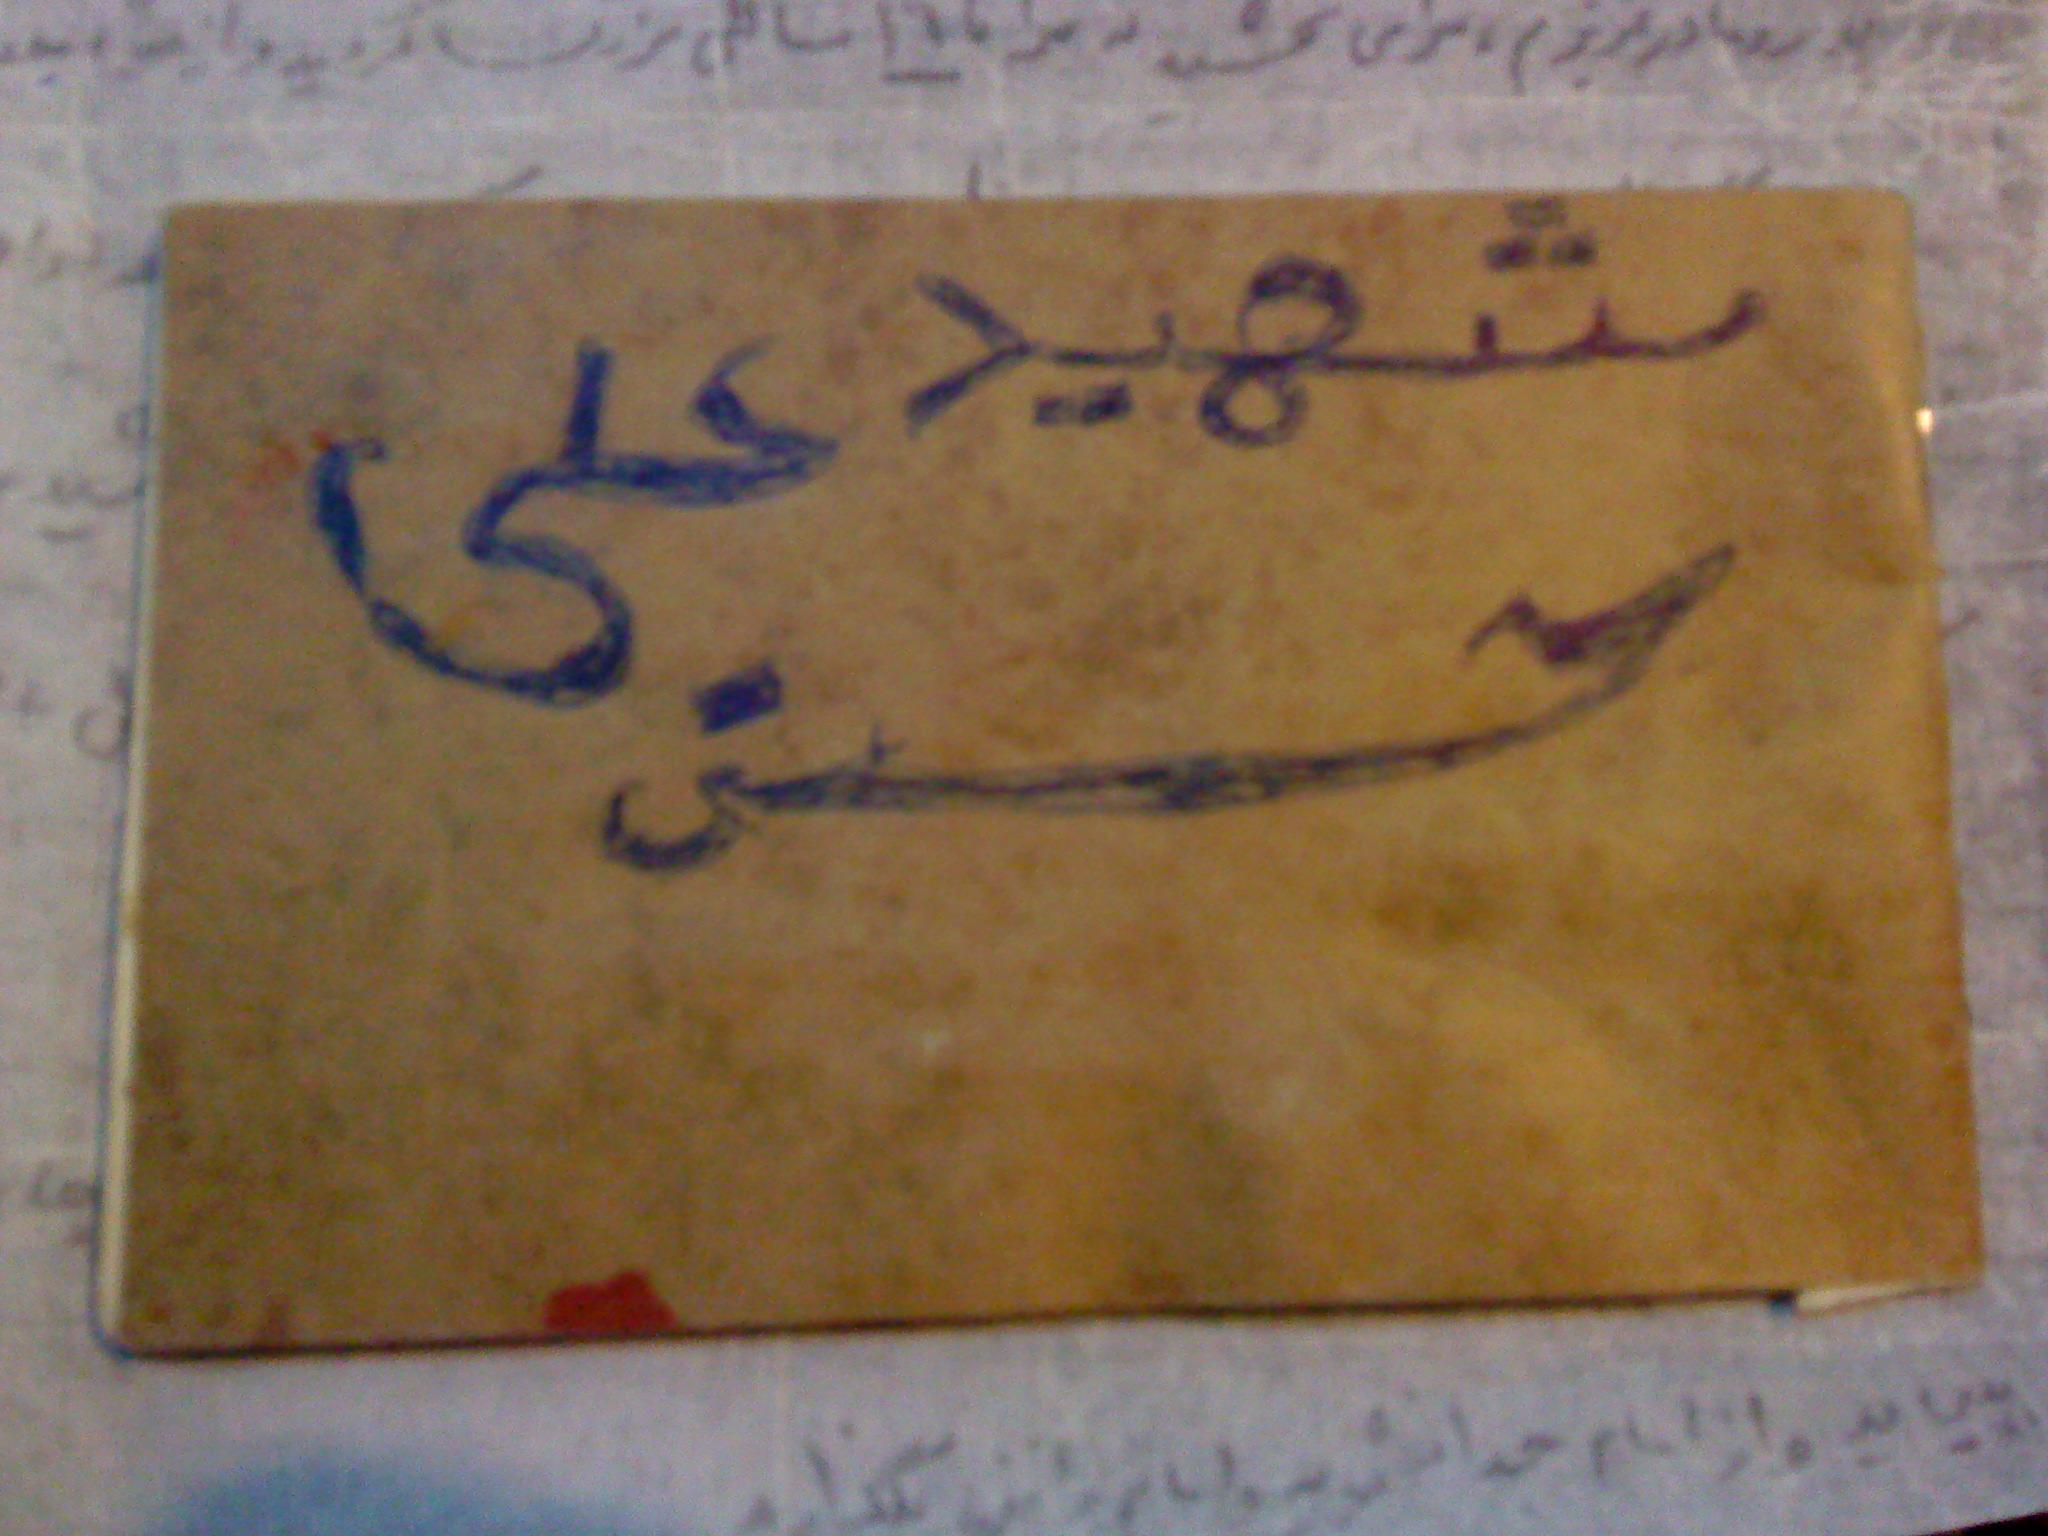 دست خط شهید که نام خود را روی دفترچه ی شخصی اش نوشته بود...